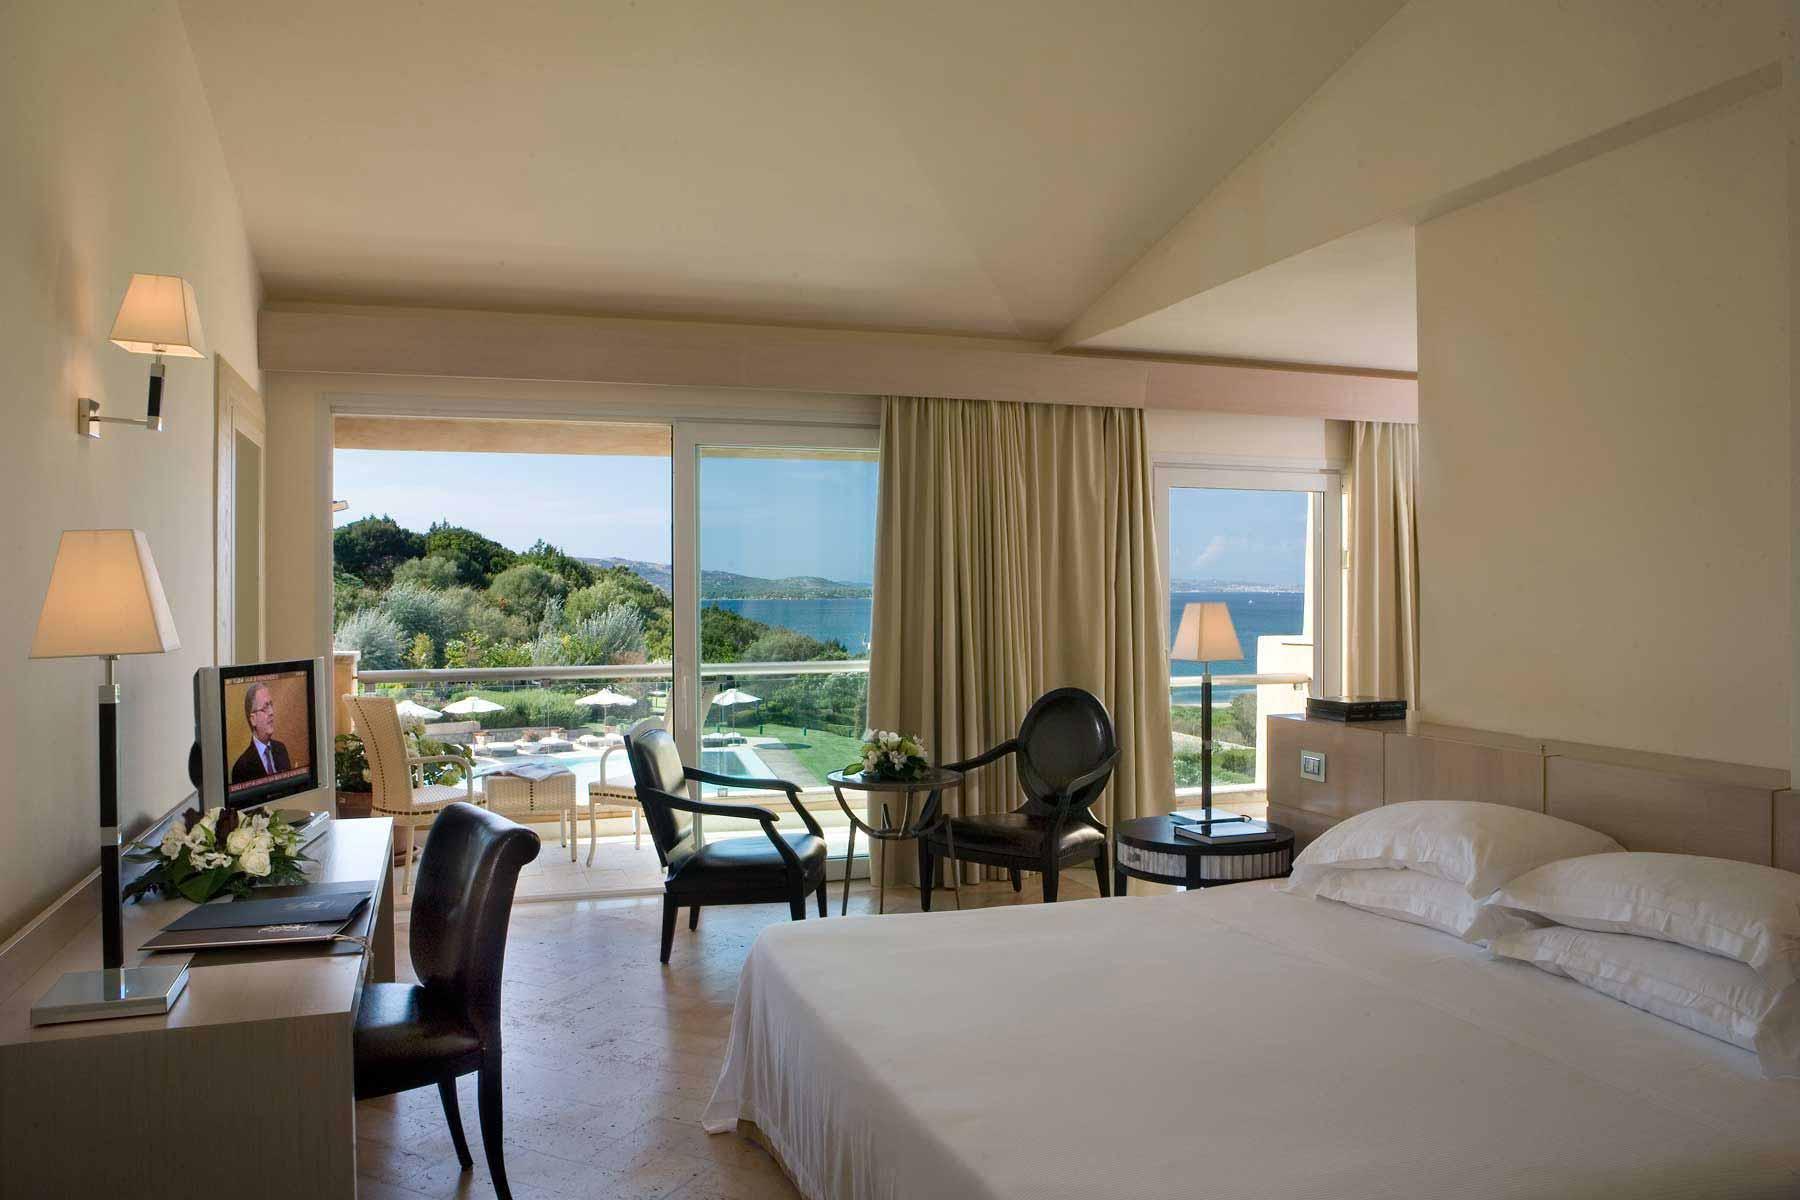 Junior suite at L'Ea Bianca Luxury Resort